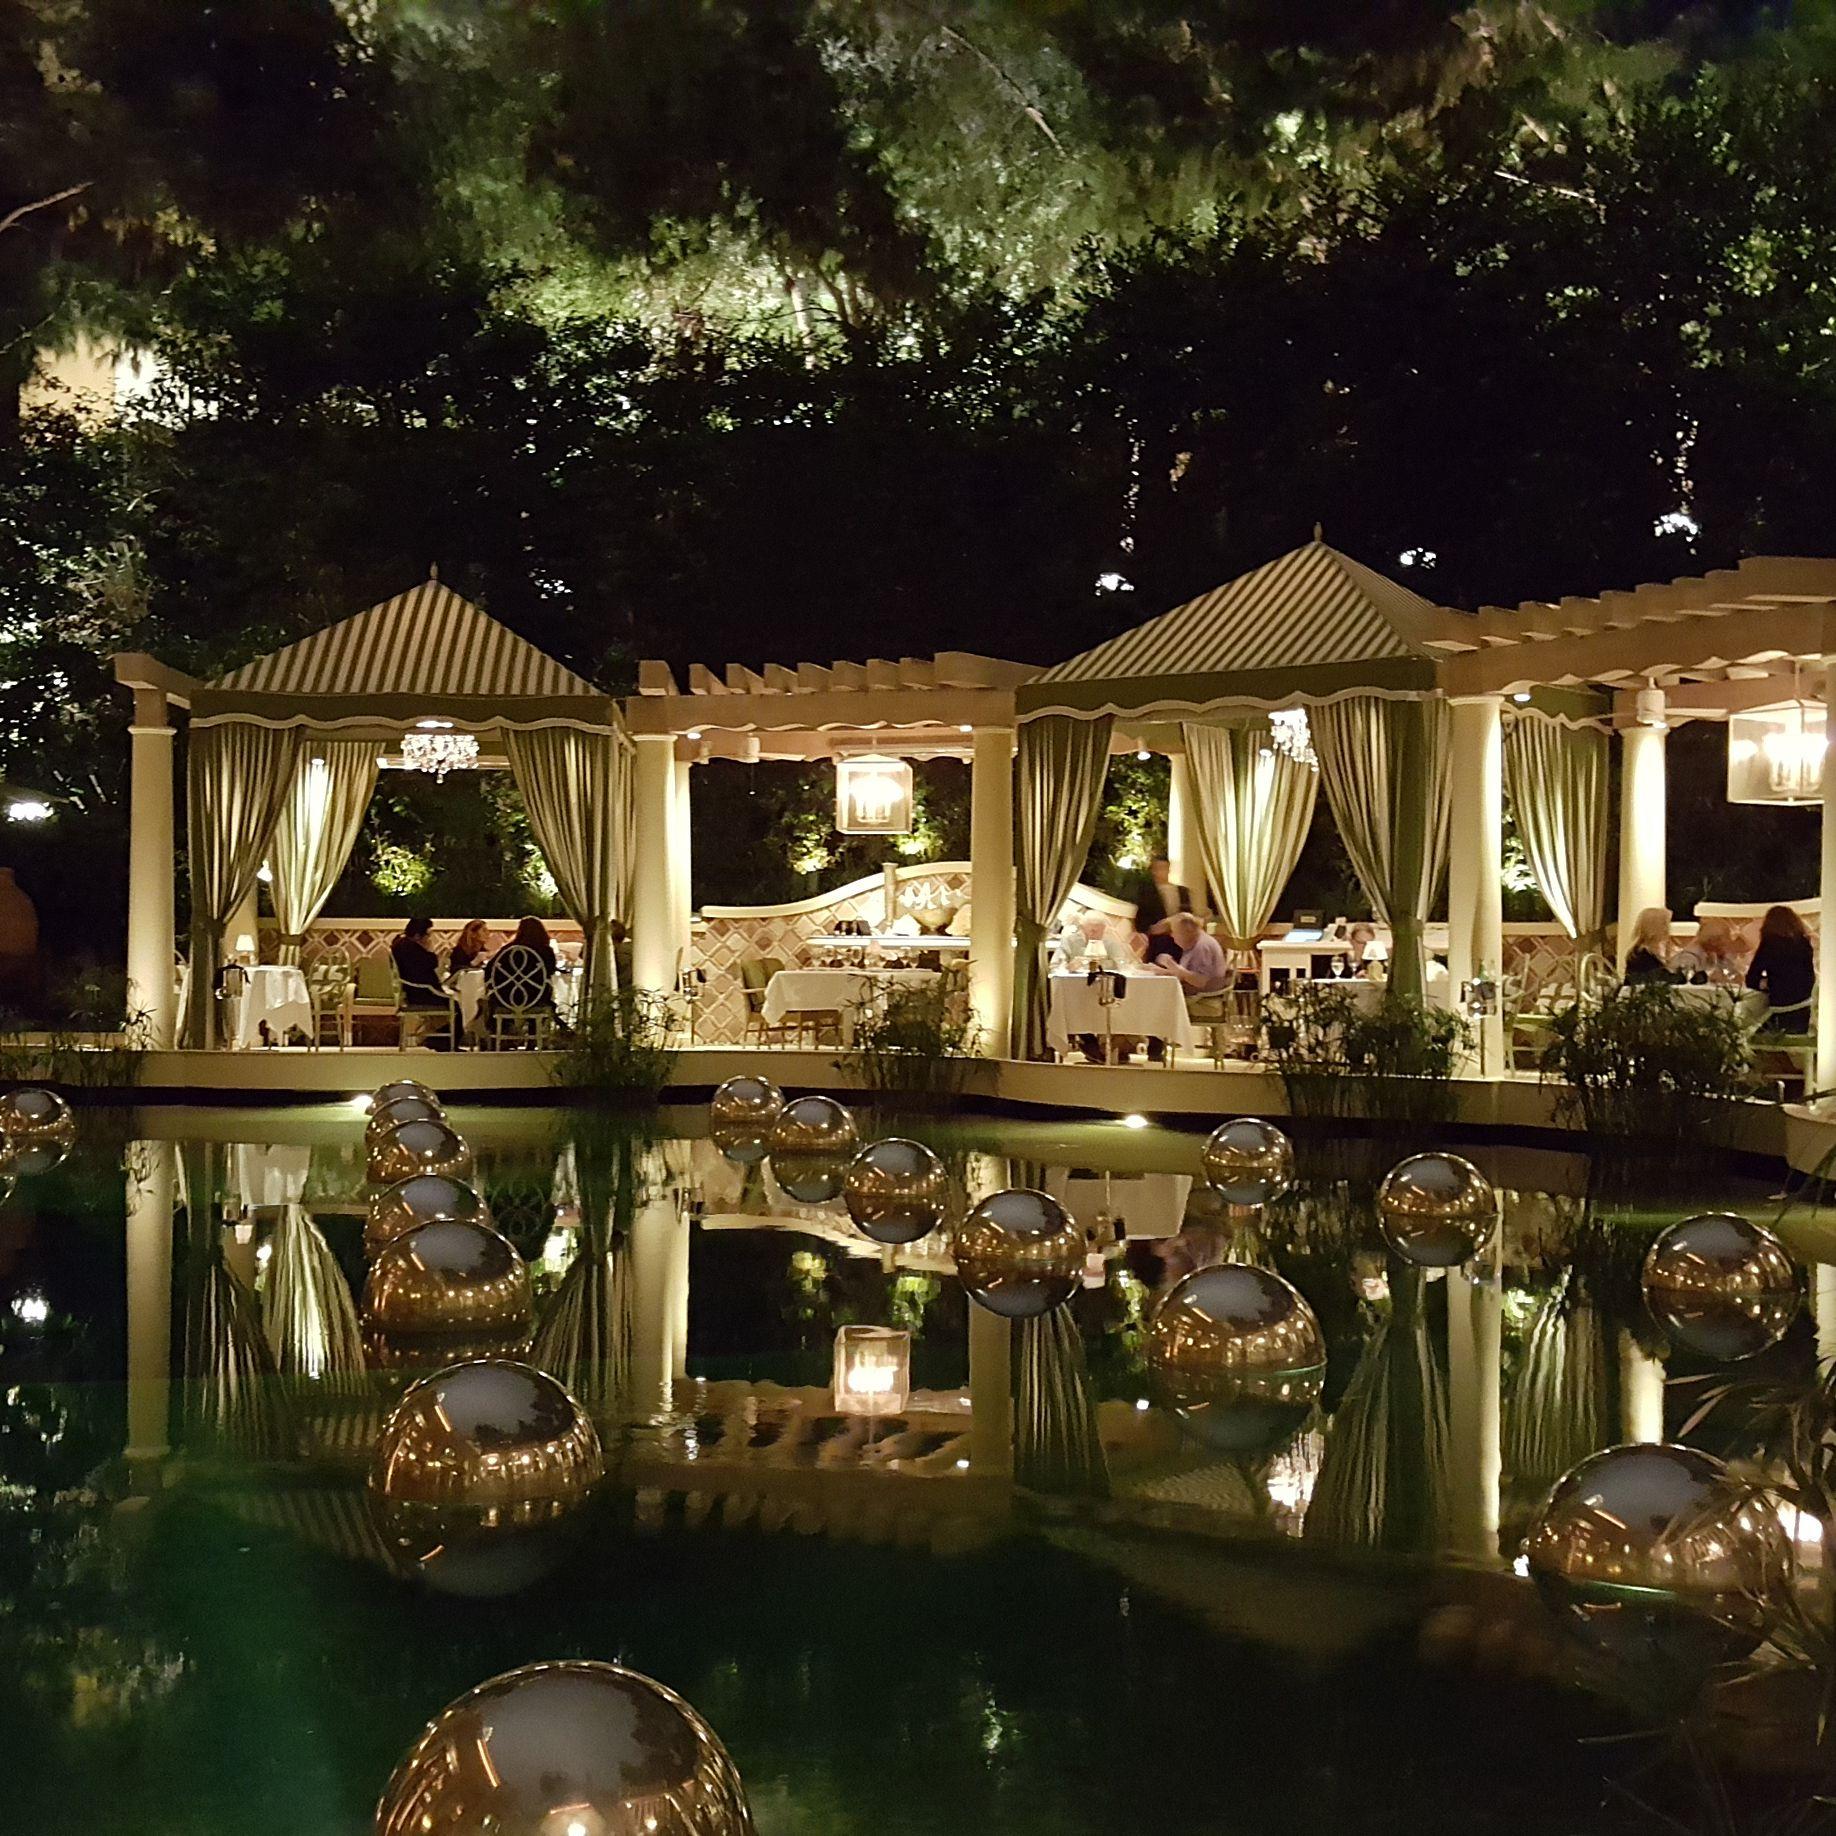 Outdoor Restaurants in Las Vegas